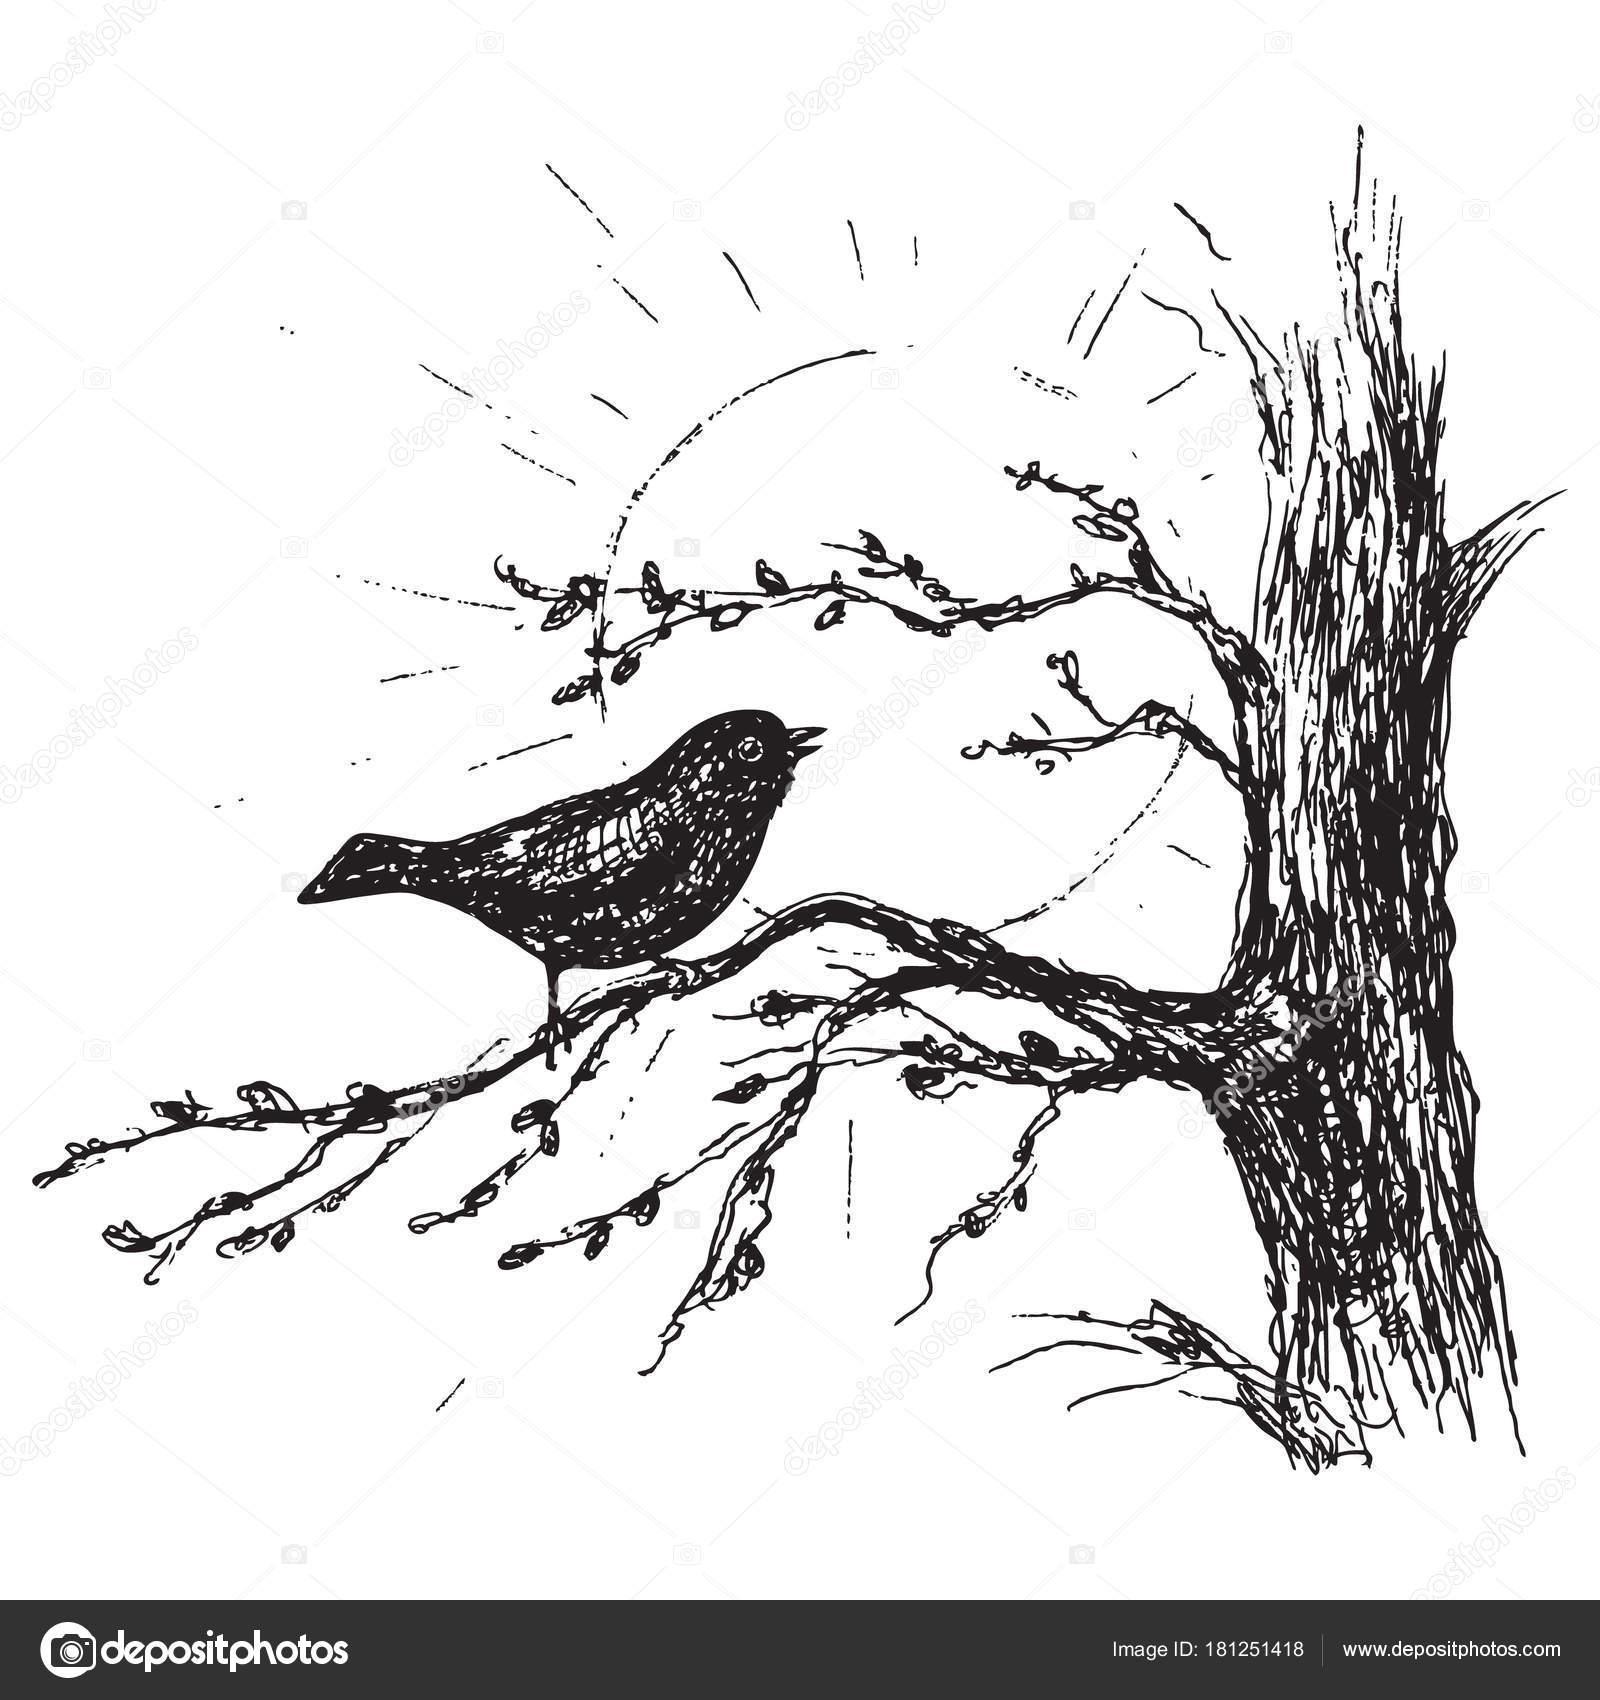 Dessin Oiseau Chante Sur Arbre Image Vectorielle Valiva